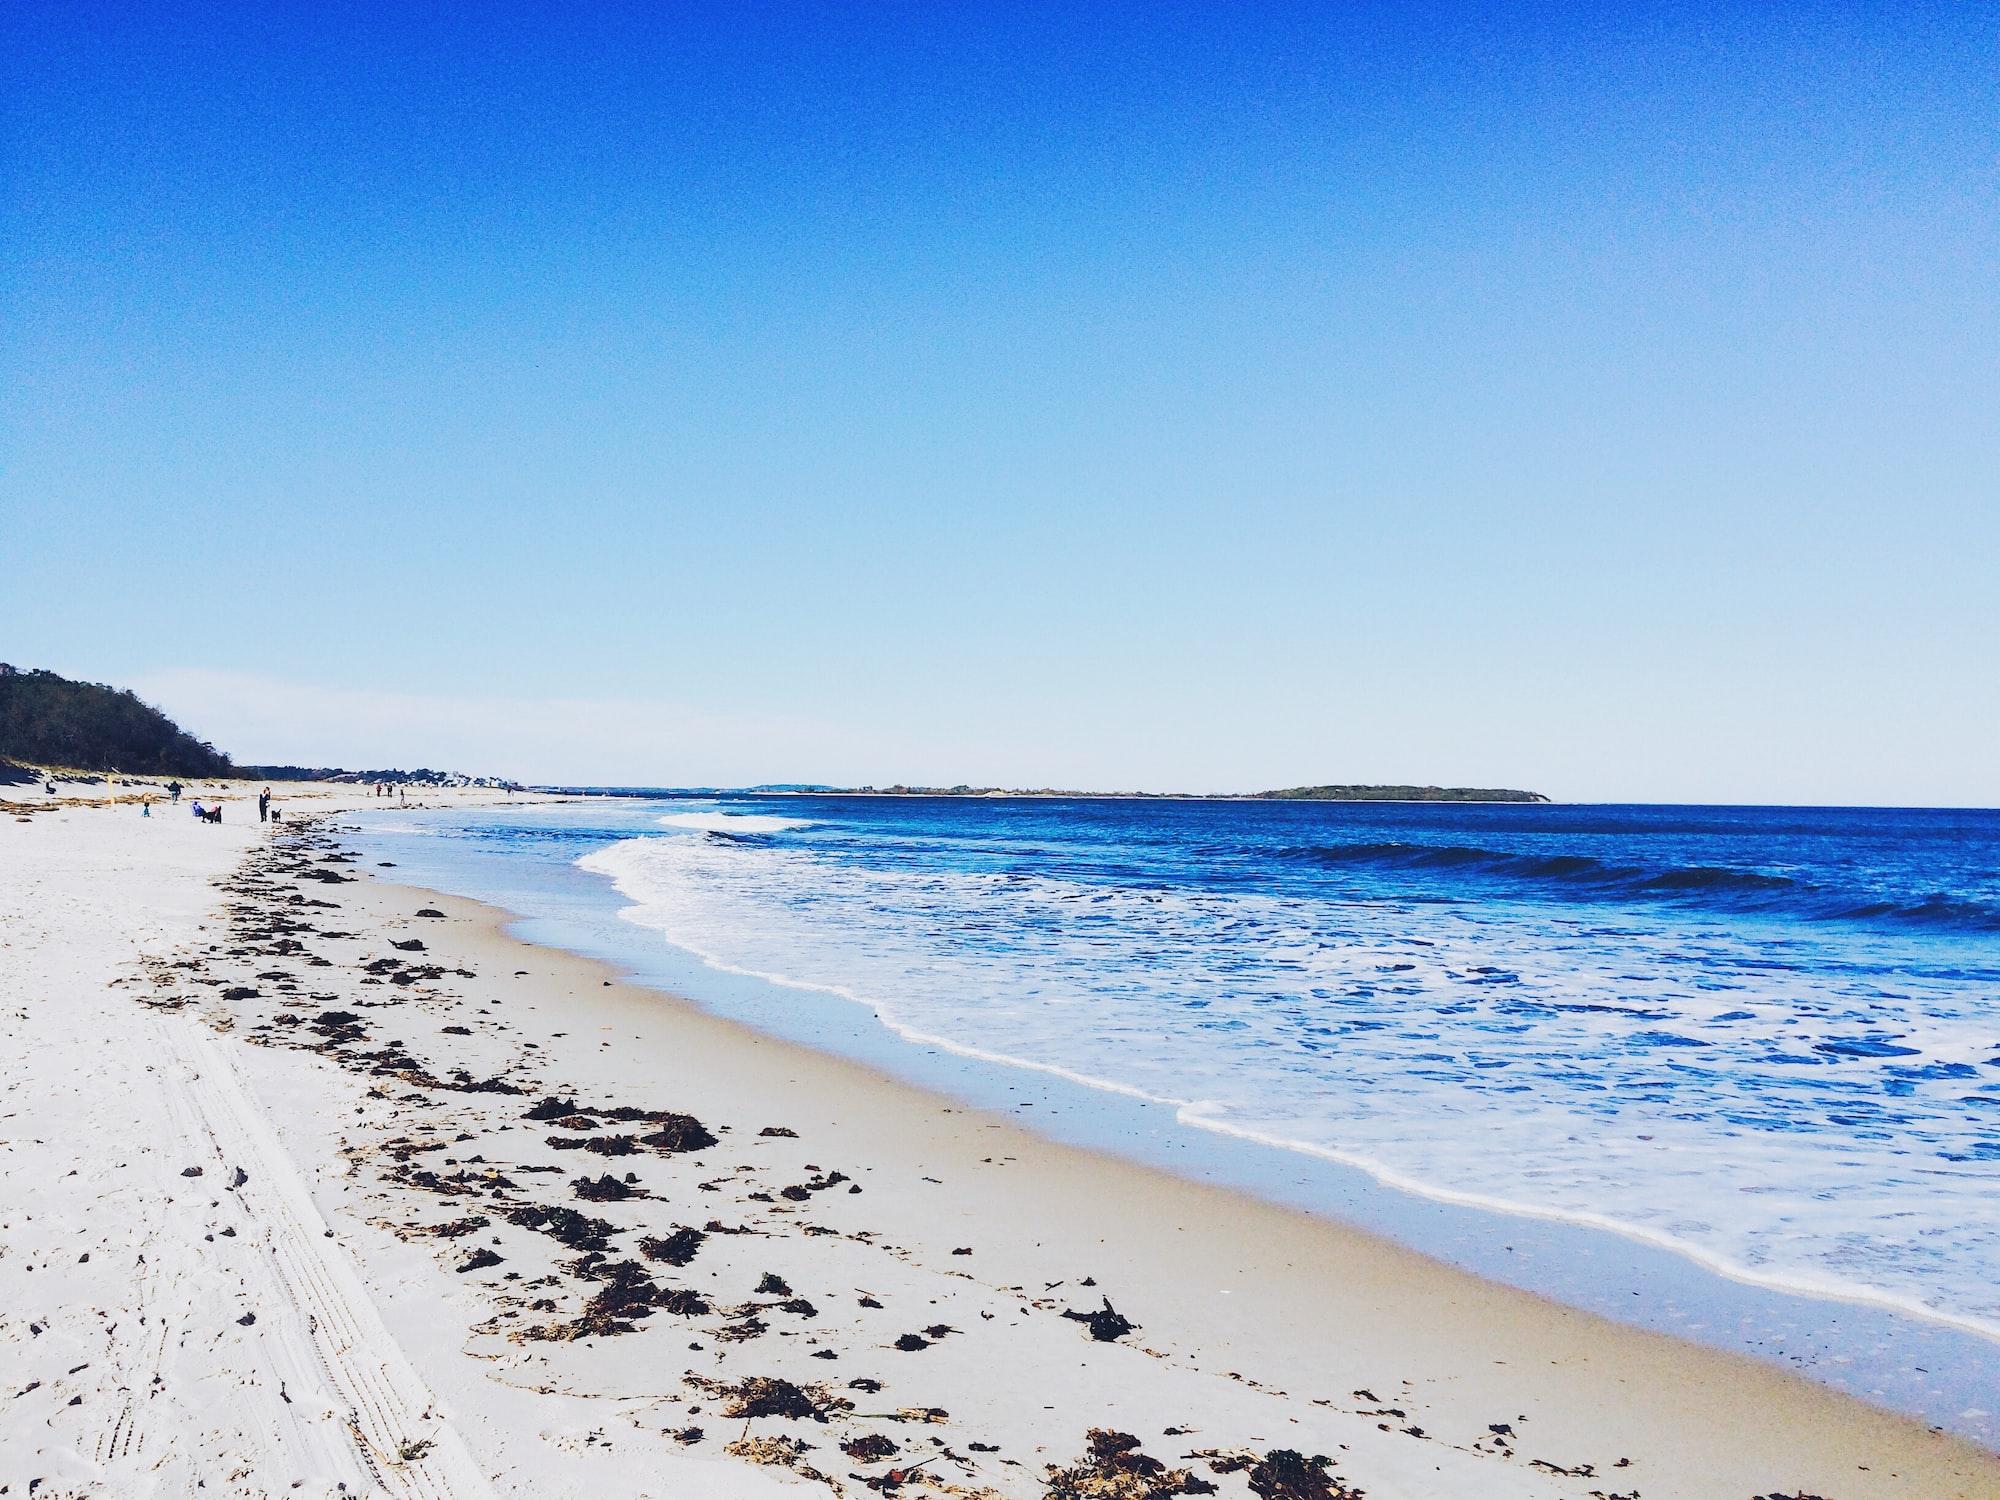 Horizon view from beach